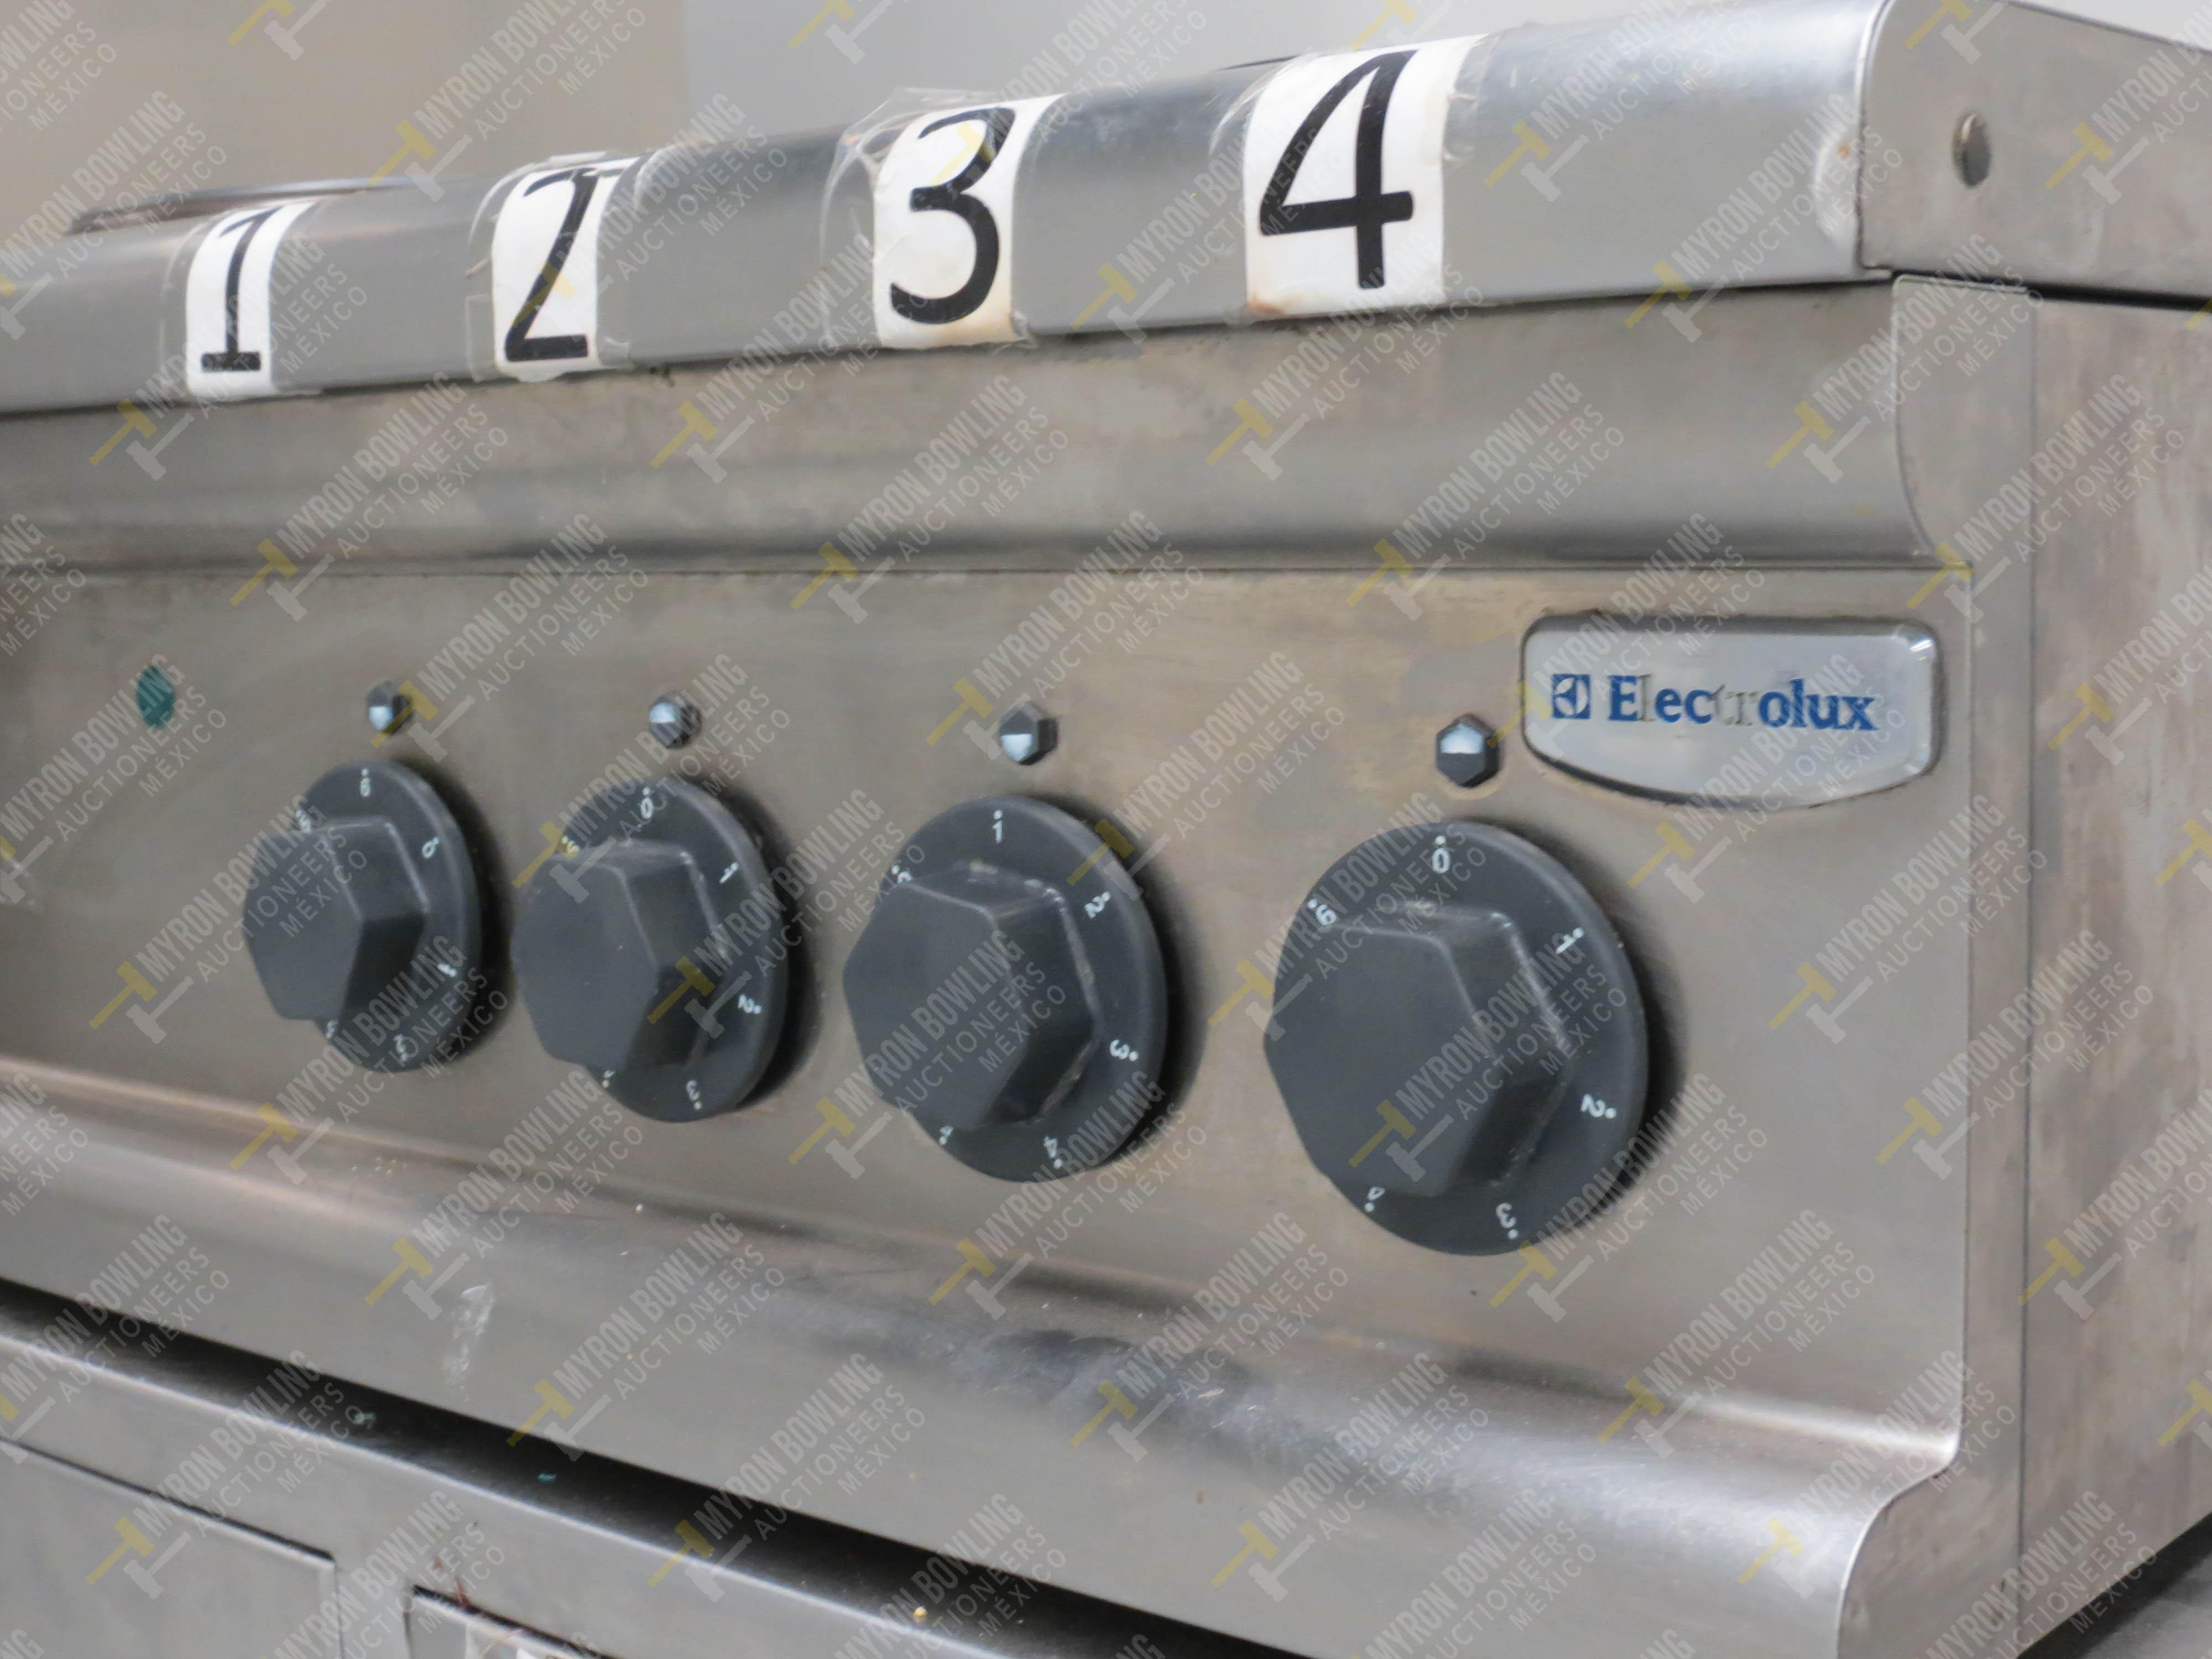 Estufa eléctrica de cuatro quemadores marca Electrolux de medidas 70 x 70 x 30 cm, … - Image 5 of 6